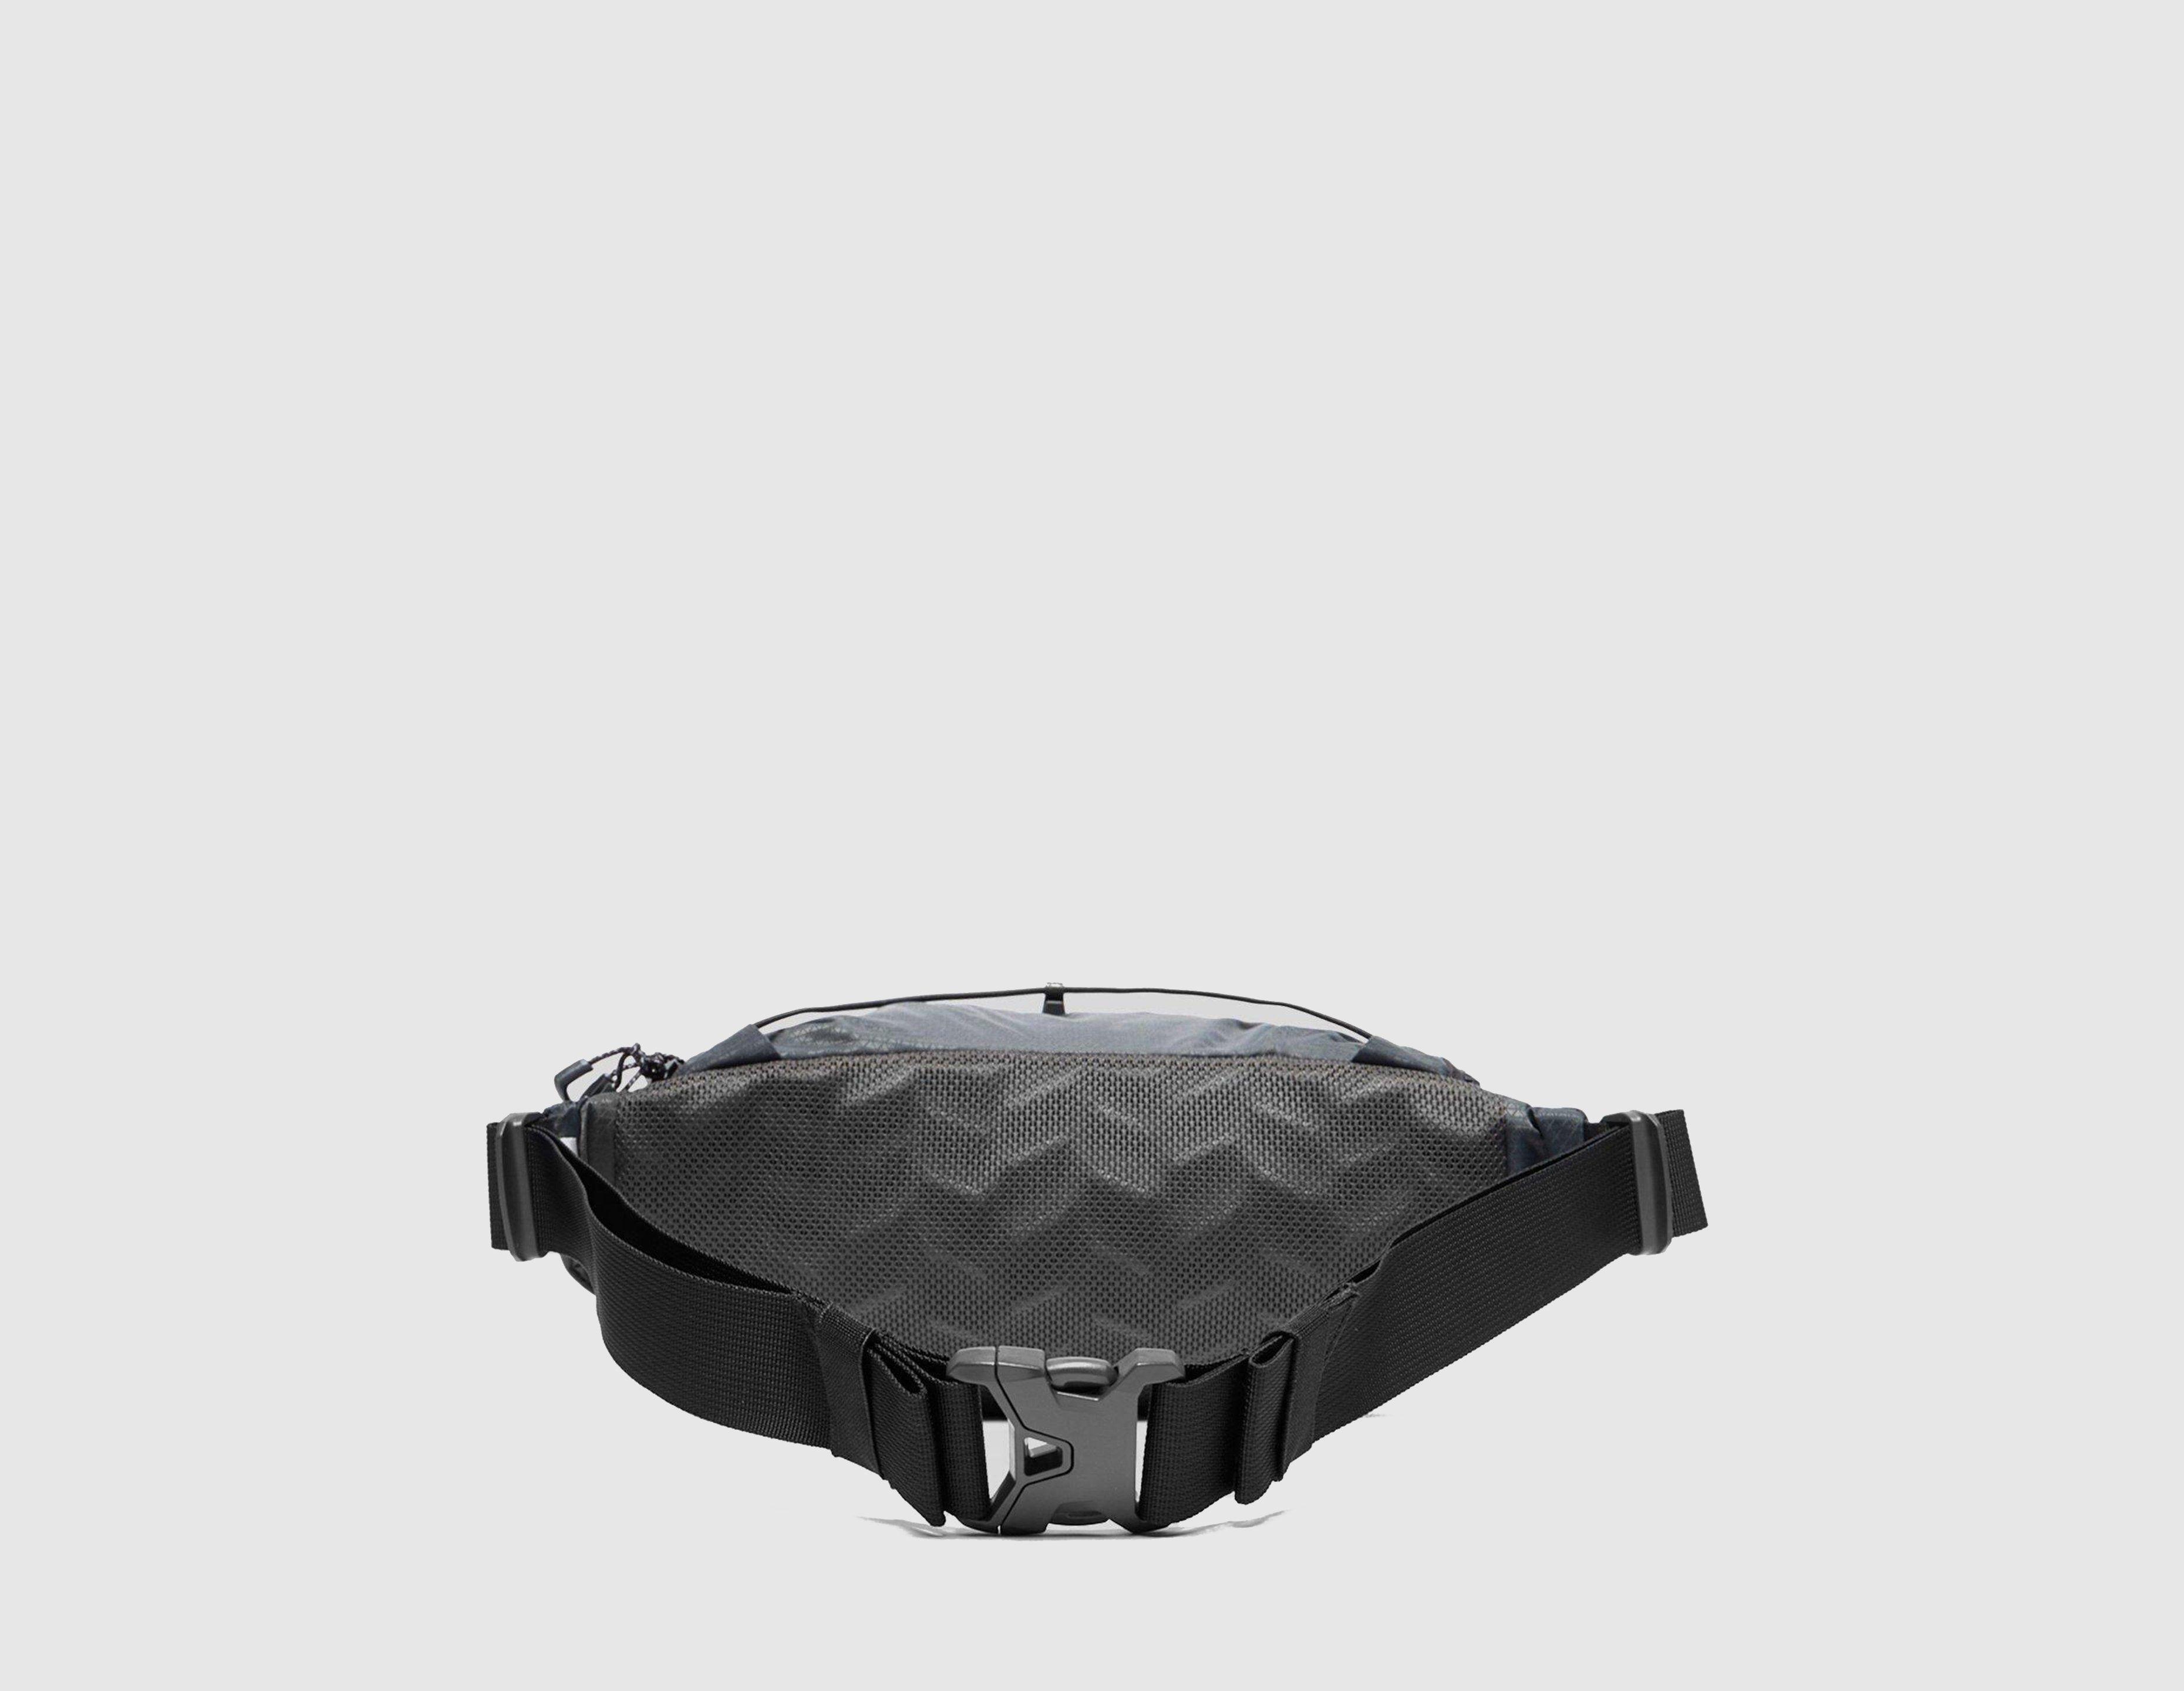 The North Face Lumbnical Lumbar Waist Bag